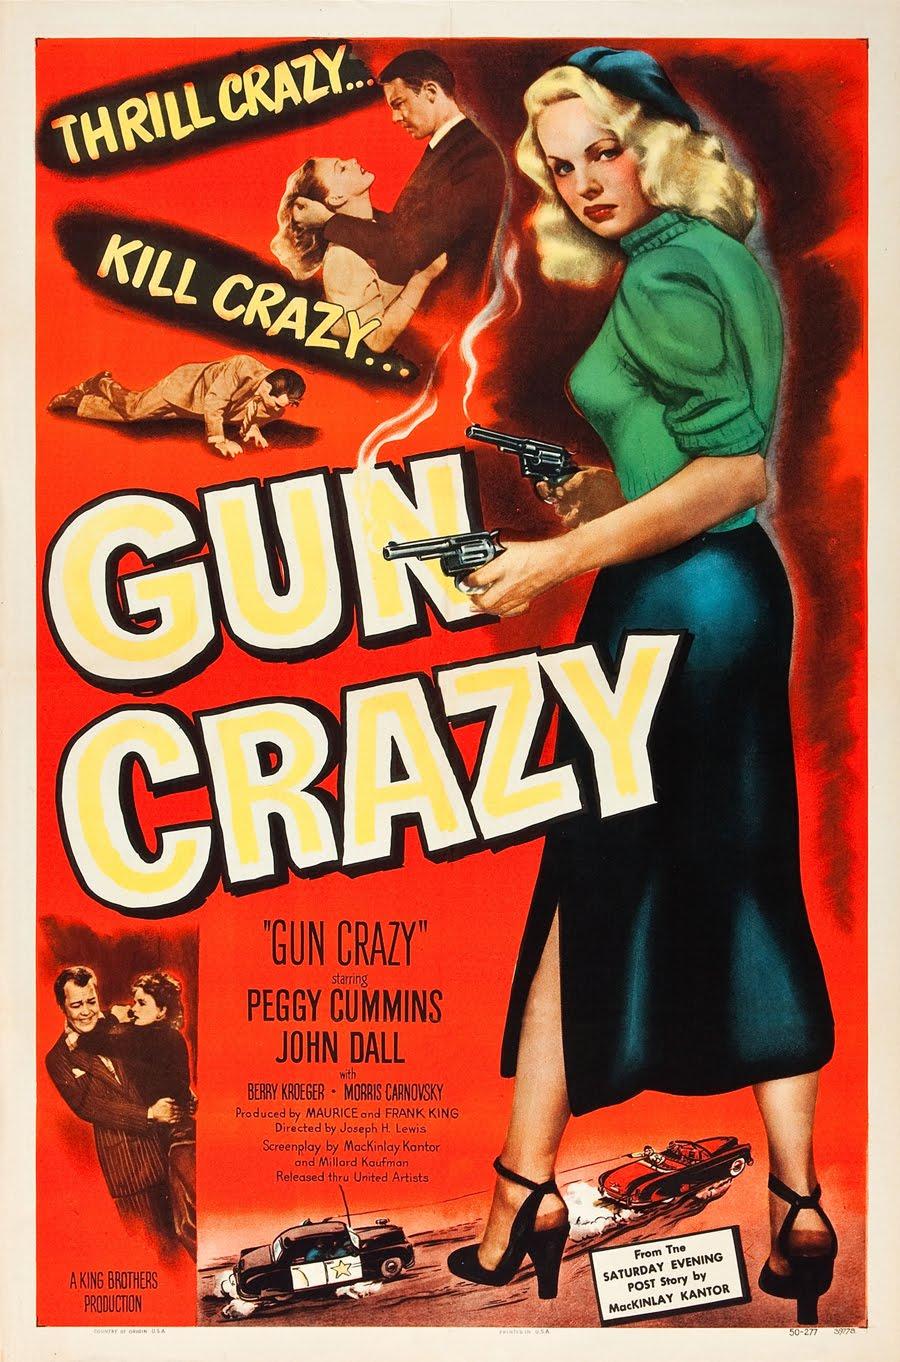 http://2.bp.blogspot.com/_C6kND_Ezjv4/TUOsXFaEpsI/AAAAAAAAA4E/LcuscBCoryU/s1600/17.-Gun-Crazy.jpg